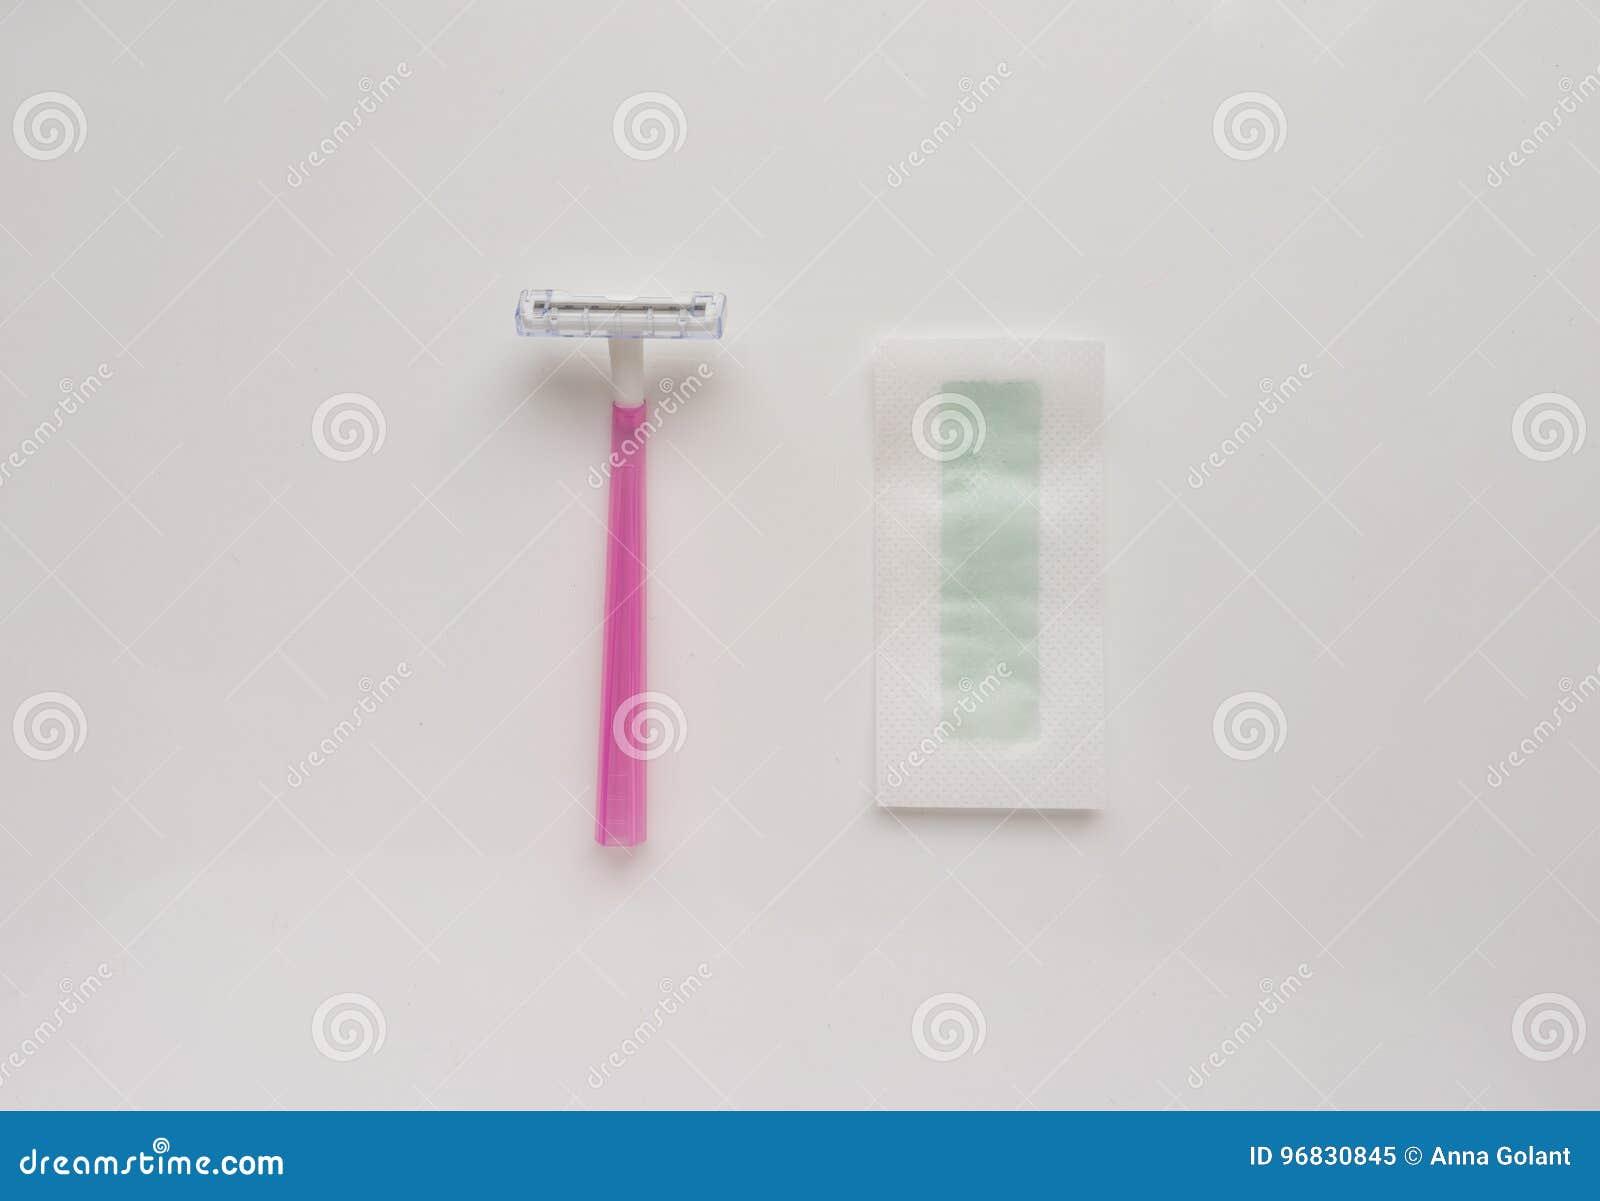 werkzeug, instrument für haarenthaarung: rasiermesser- und